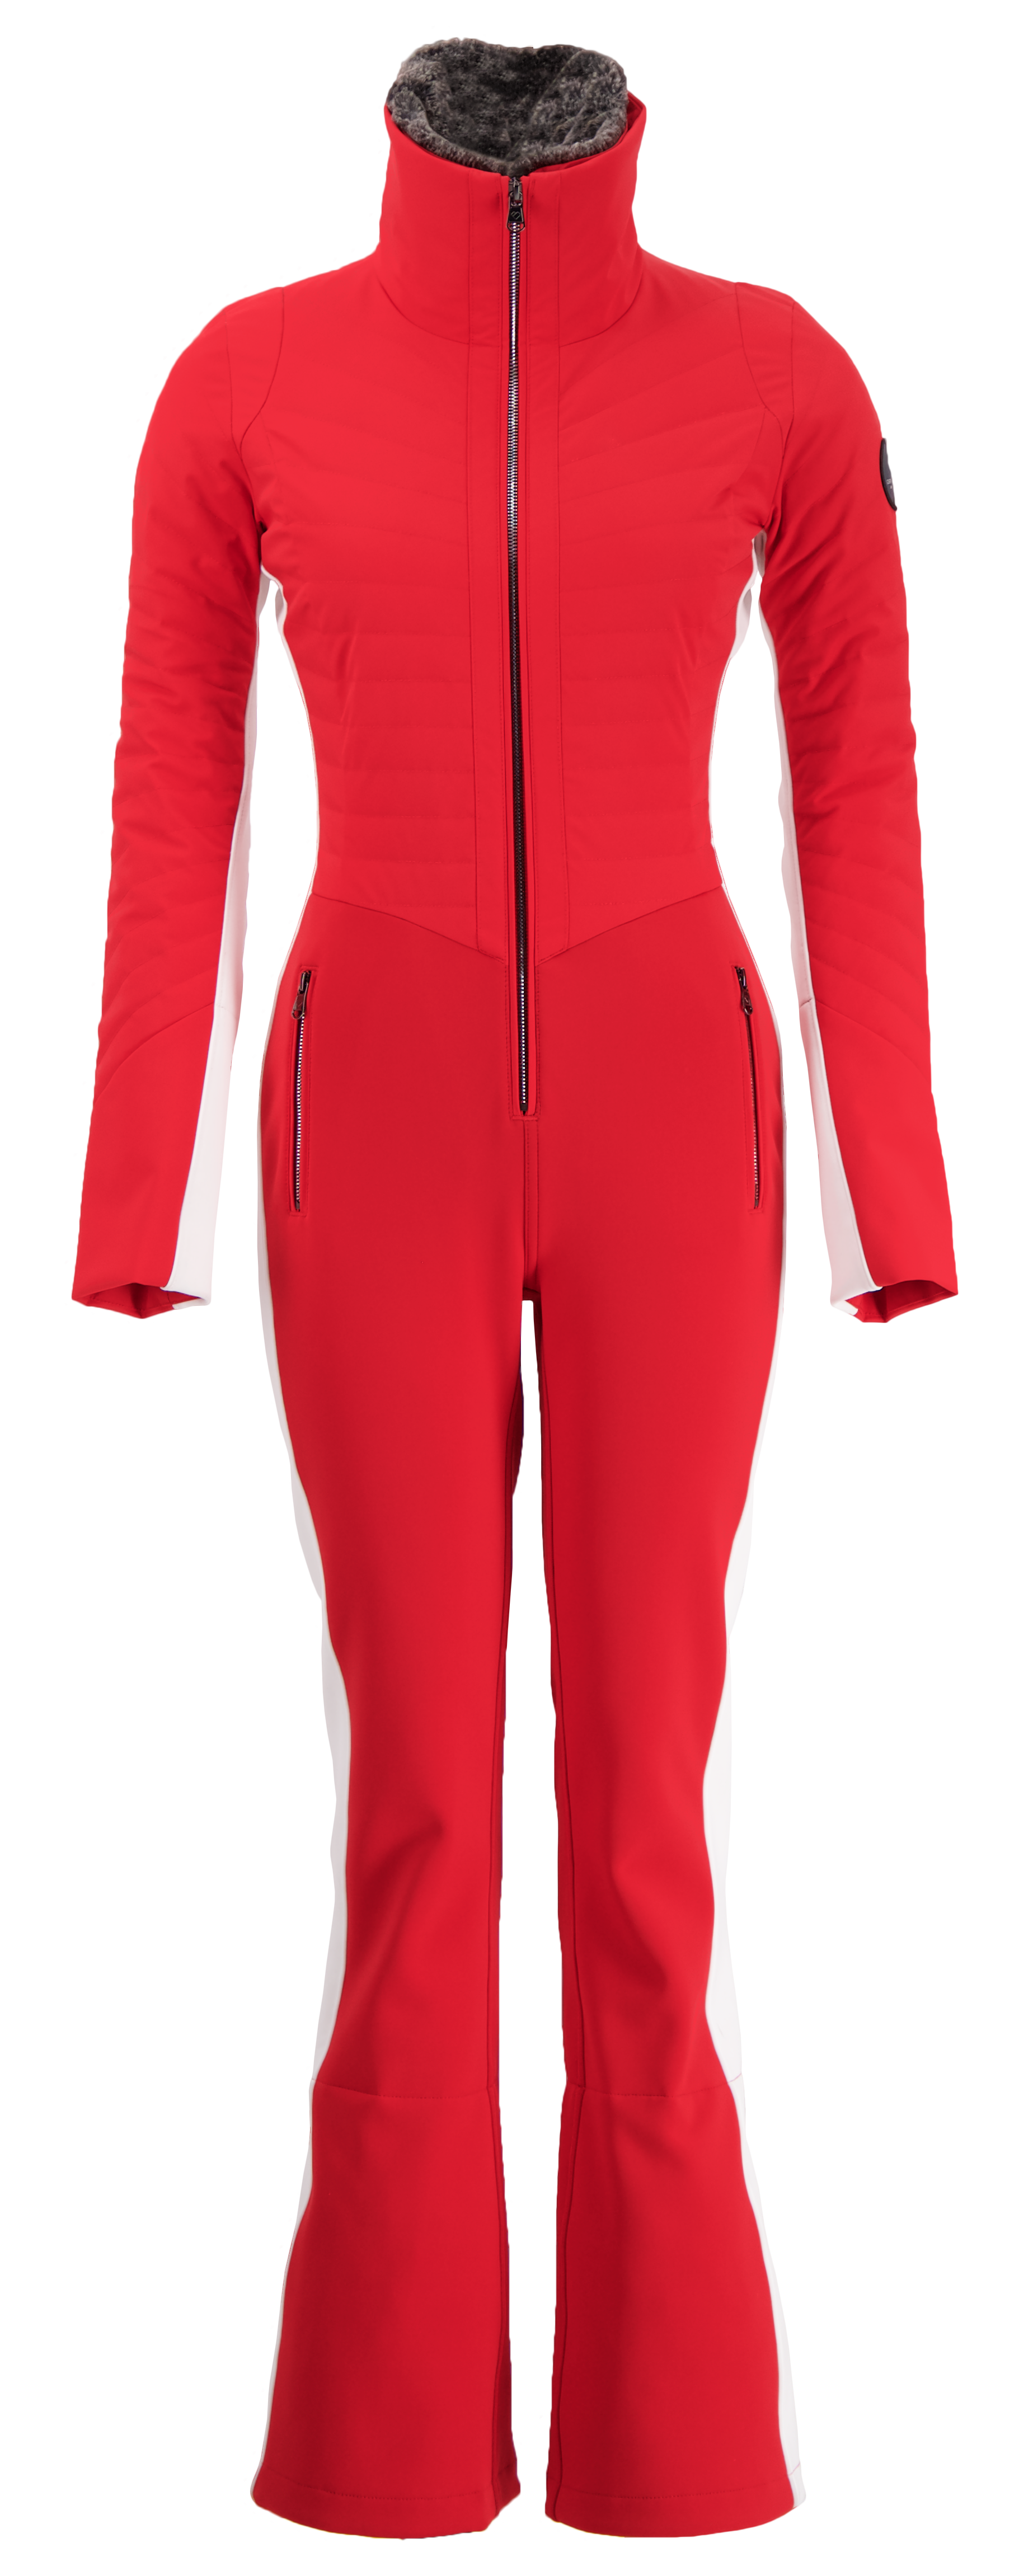 Tecnica Race Pro 130